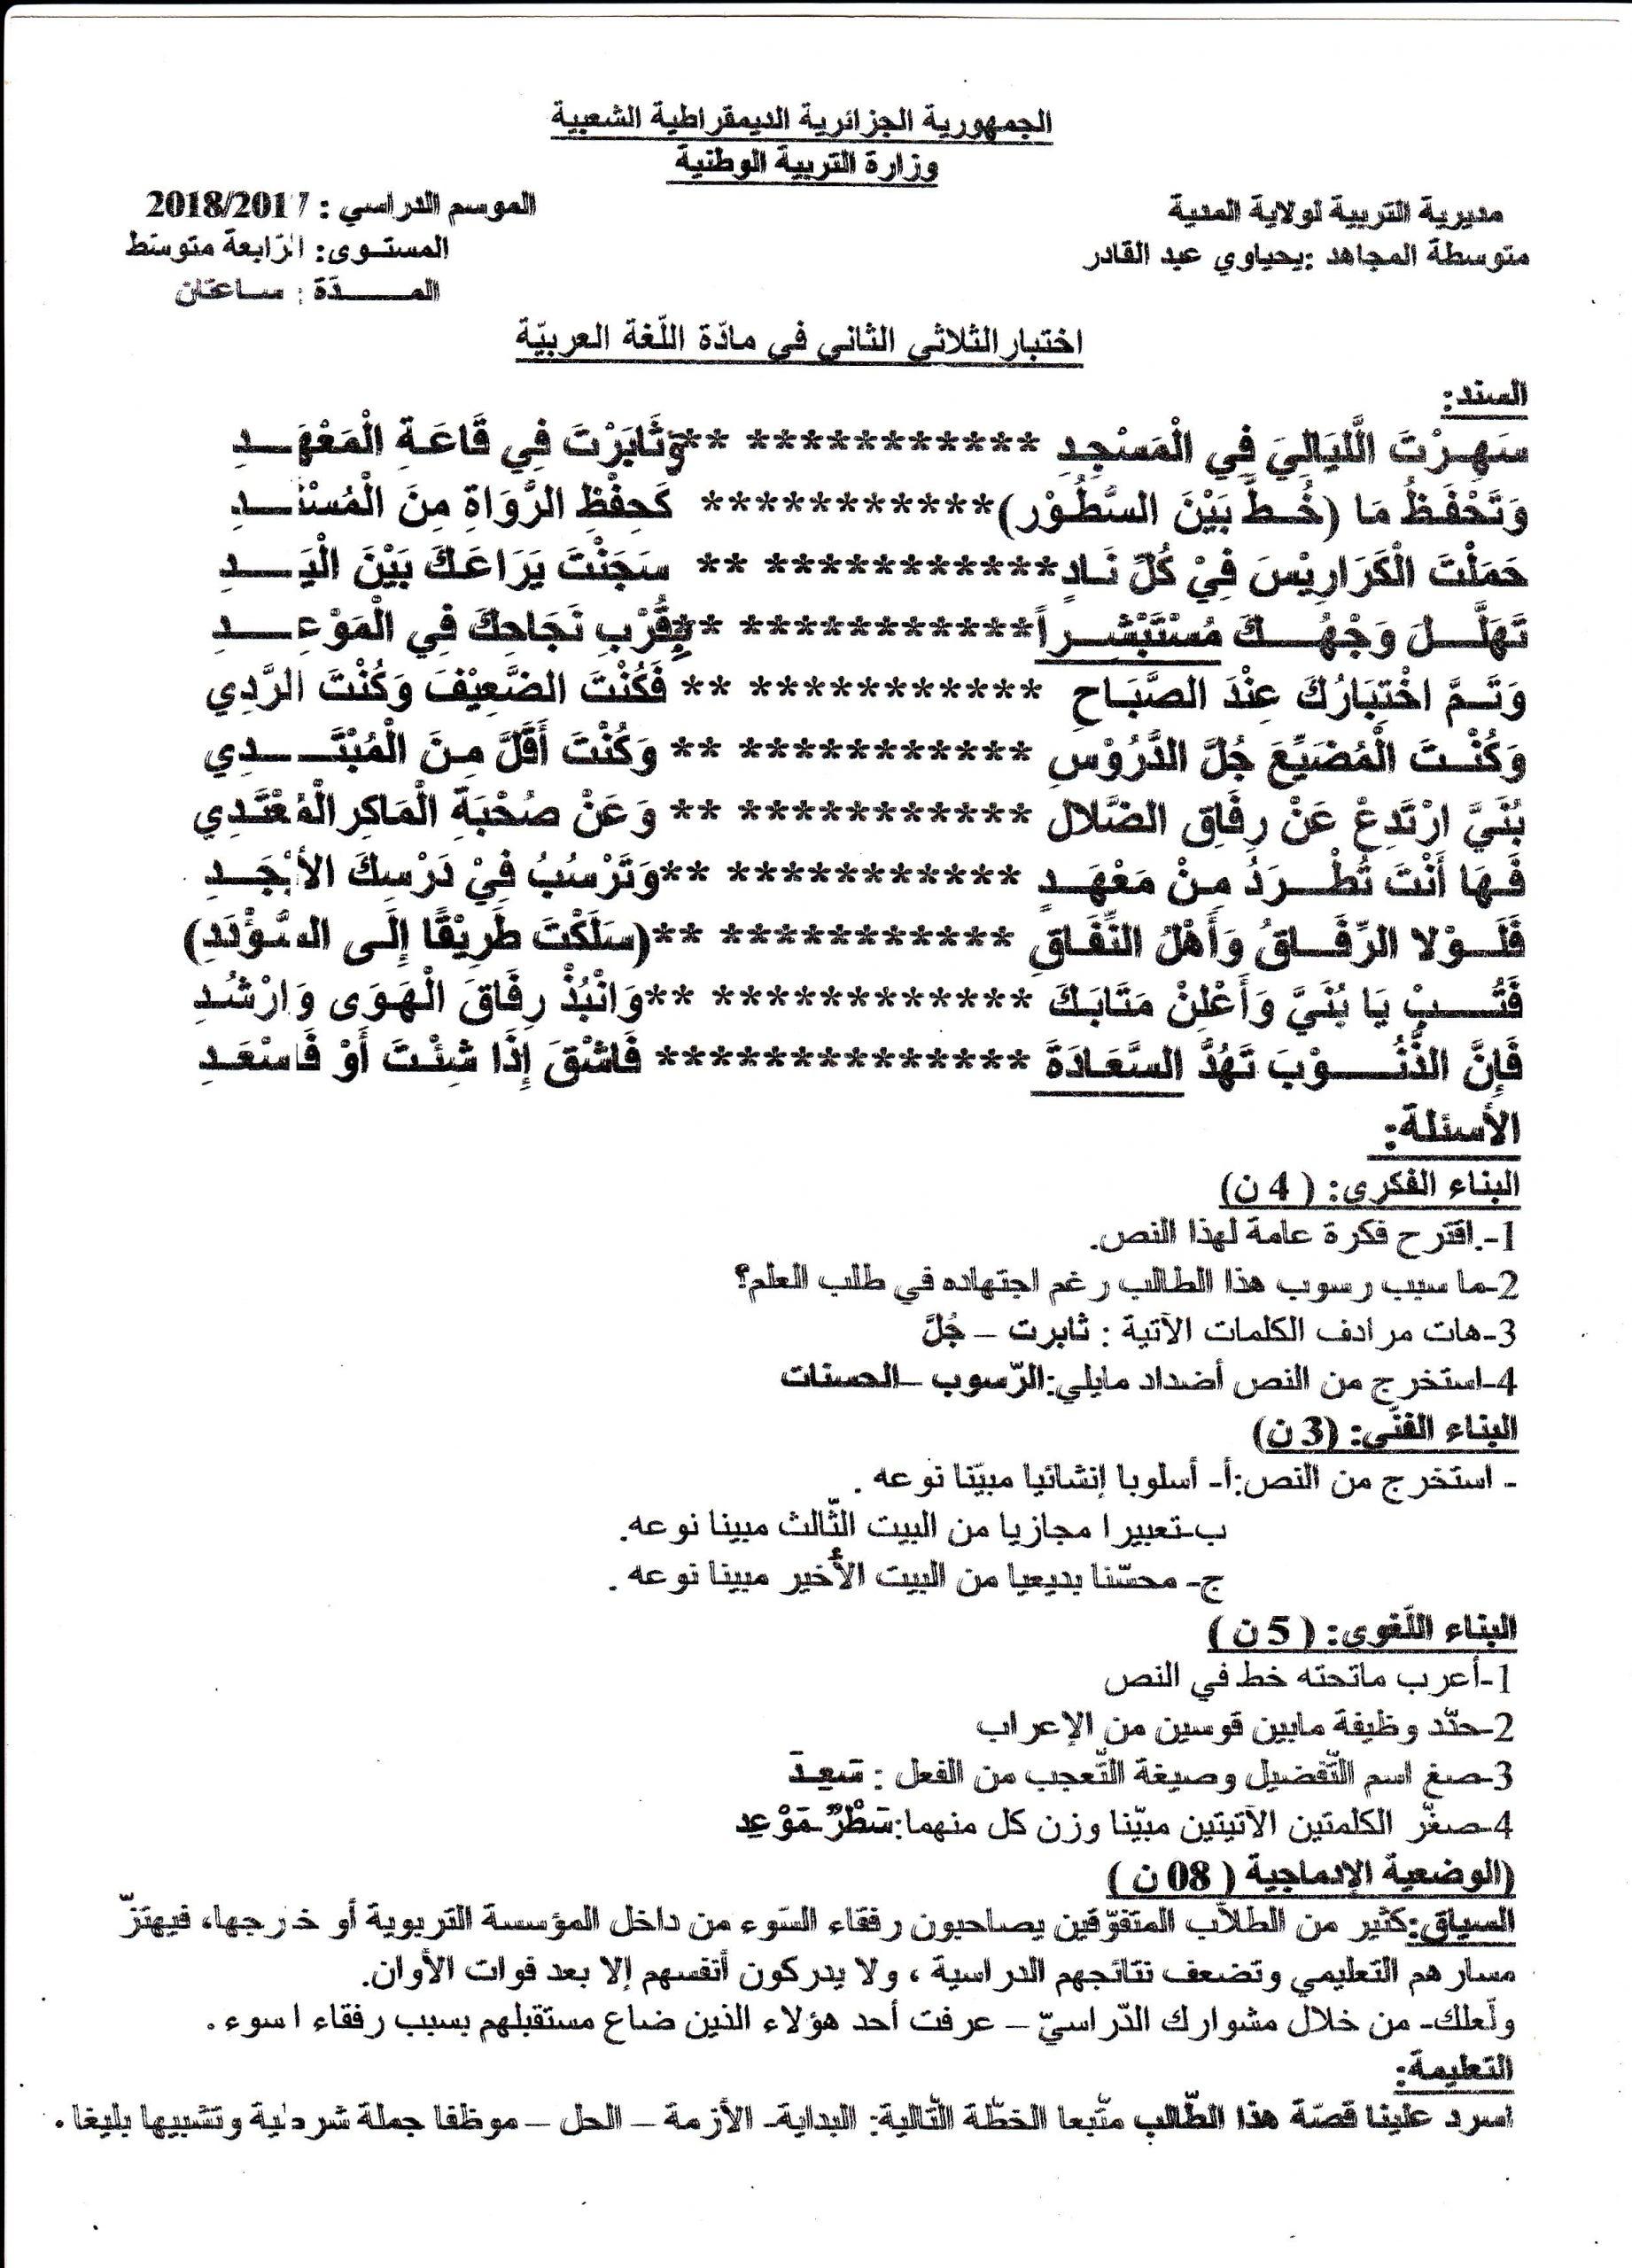 اختبار الفصل الثاني في اللغة العربية السنة الرابعة متوسط | الموضوع 03